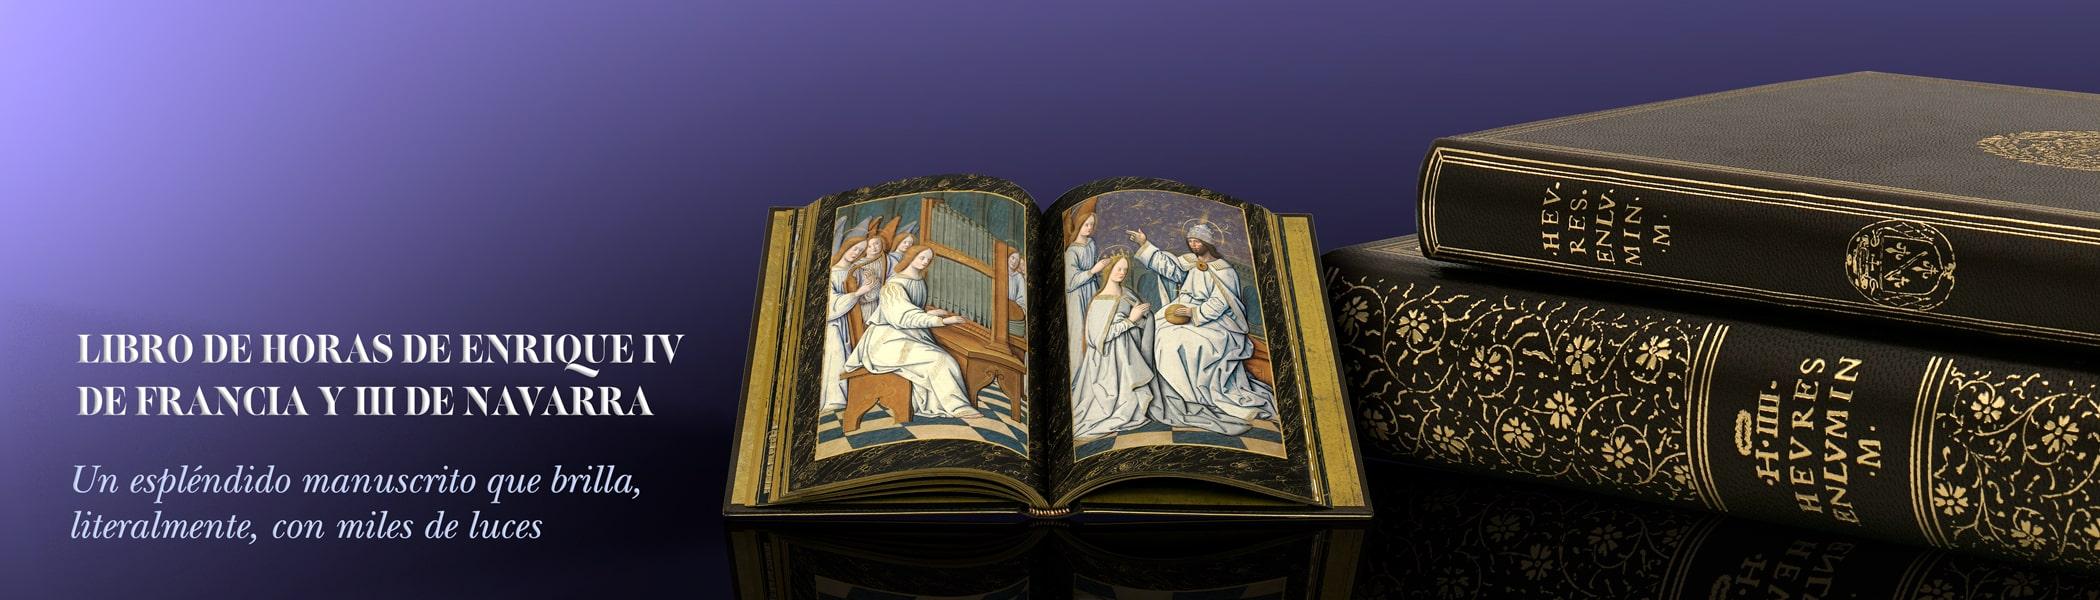 Libro de Horas d Enrique IV Francia III Navarra. Espléndido manuscrito que brilla literalmente, con miles de luces.